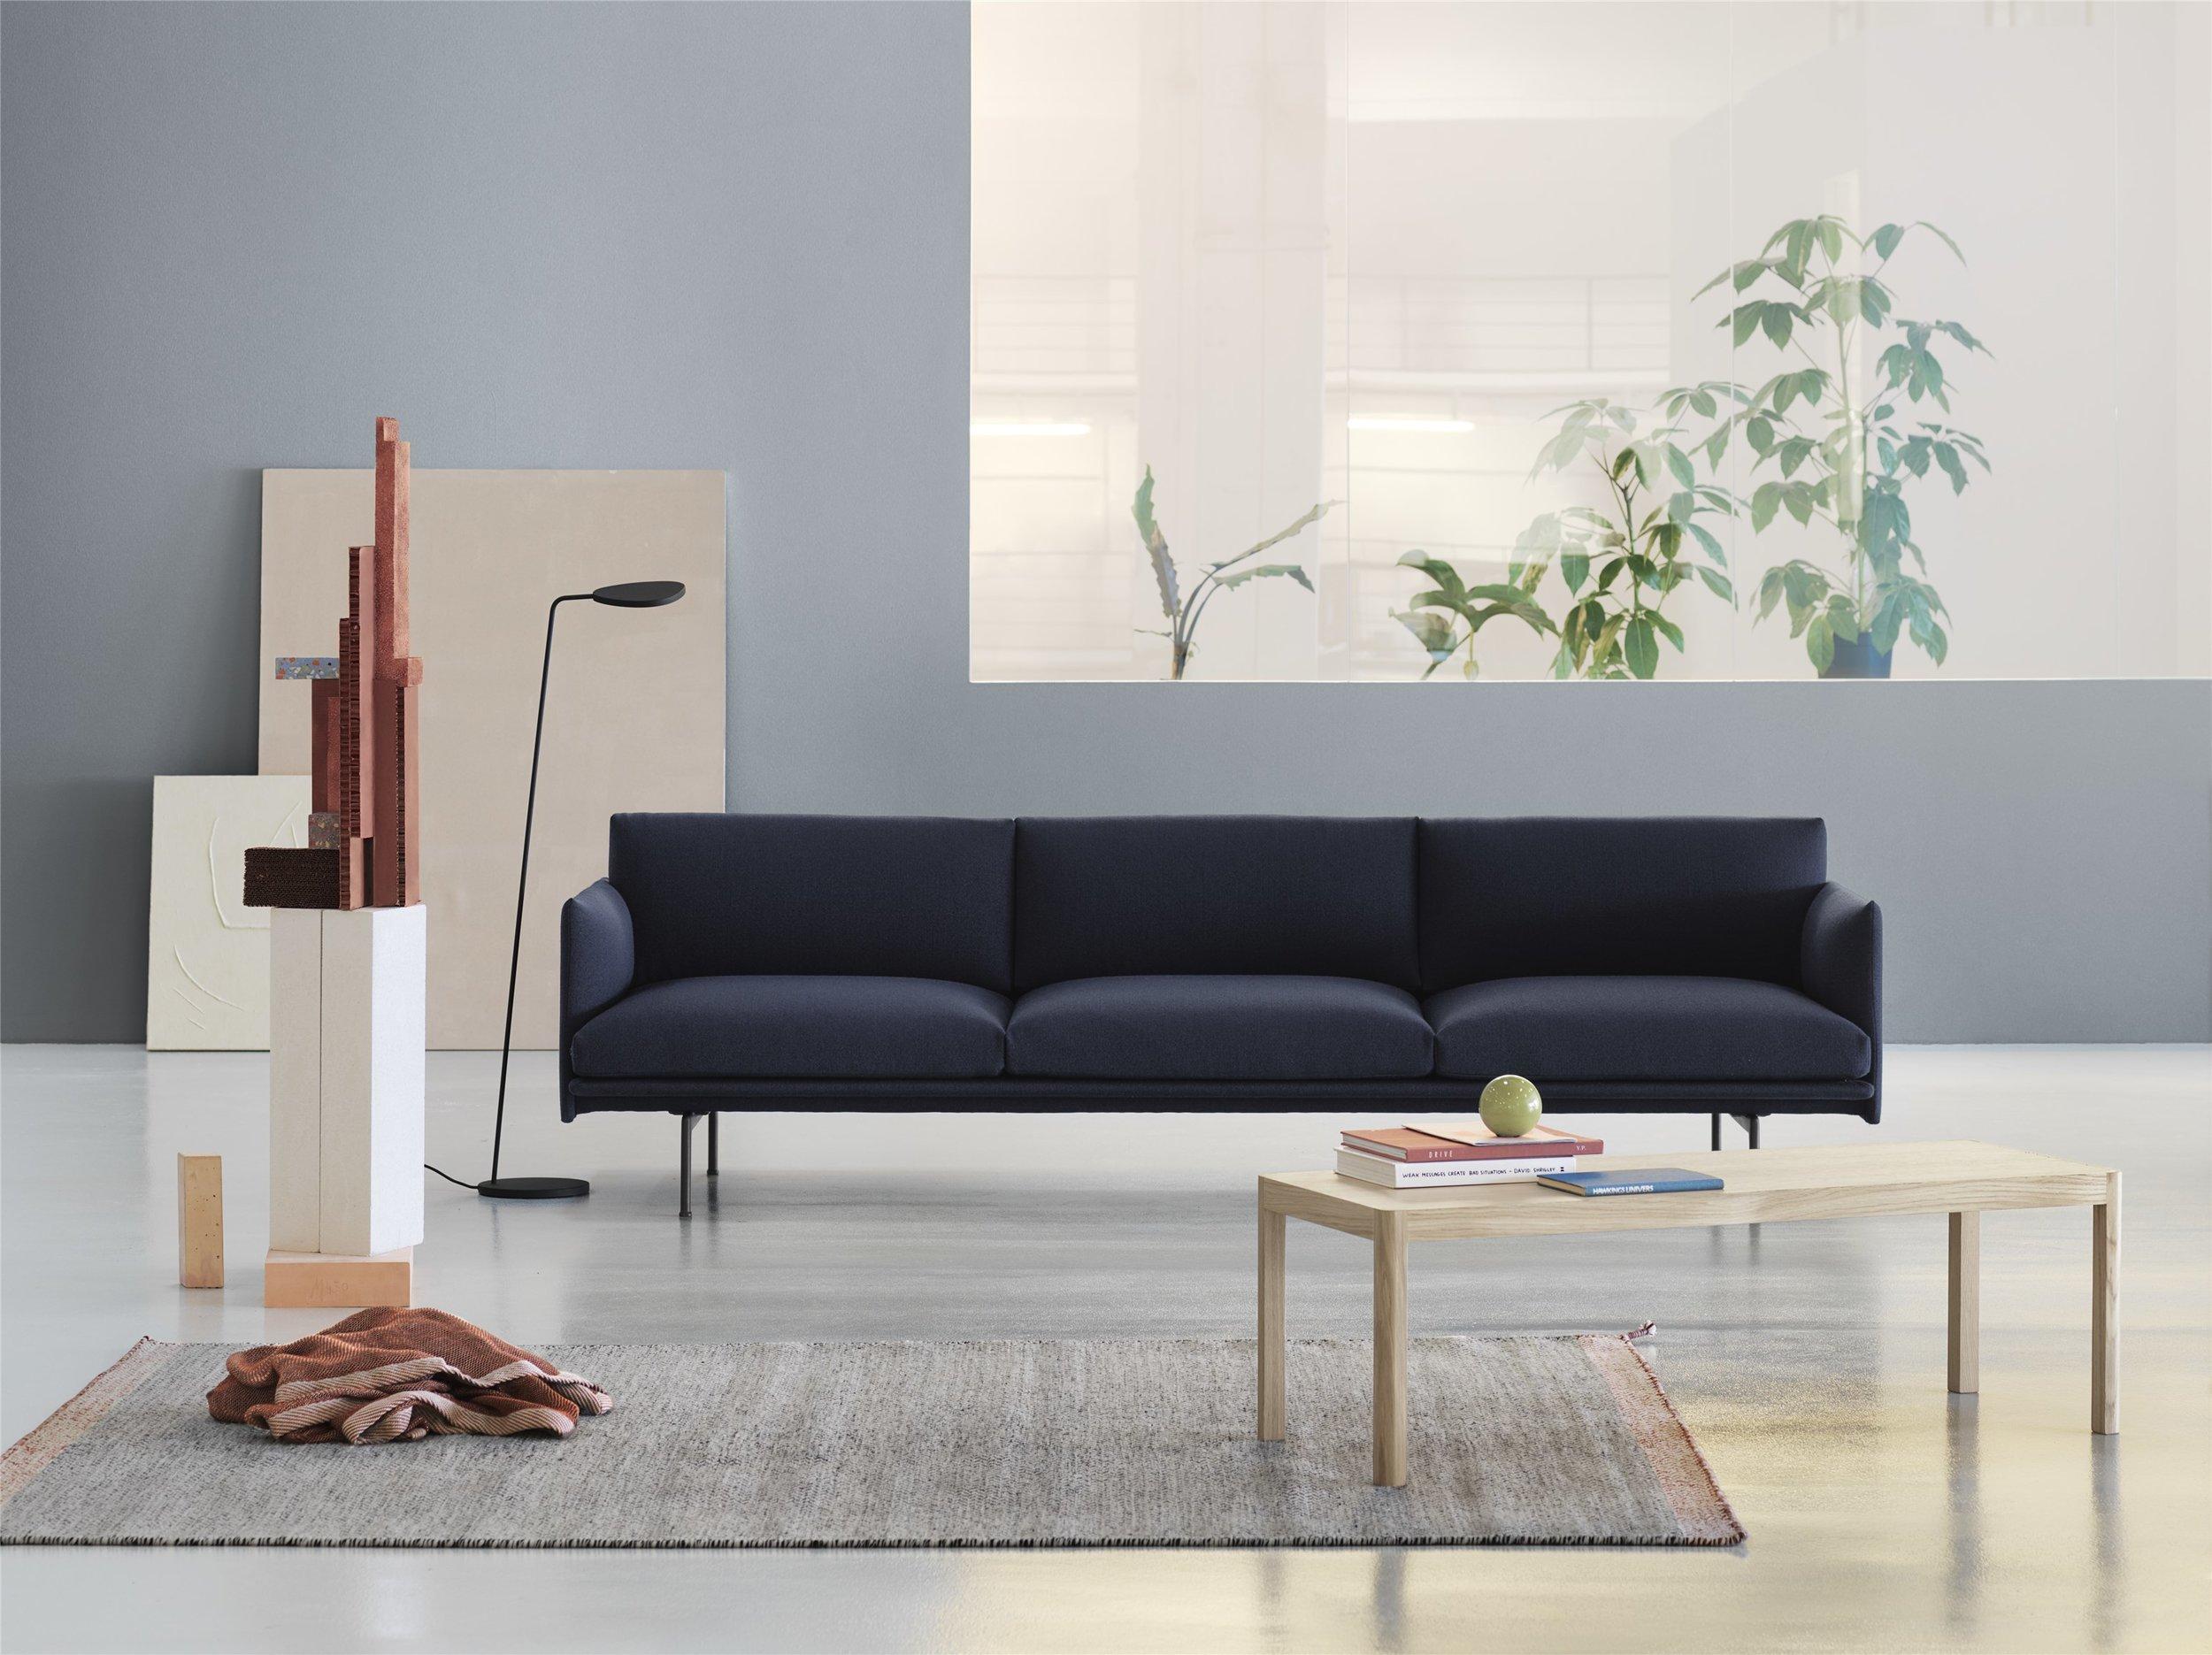 Outline-3-5-Seater-Vidar-554-Workshop-Coffee-Table-Oak-Ply-Sway-Leaf-Floor-Lamp-Landscape-Org_(150).jpg